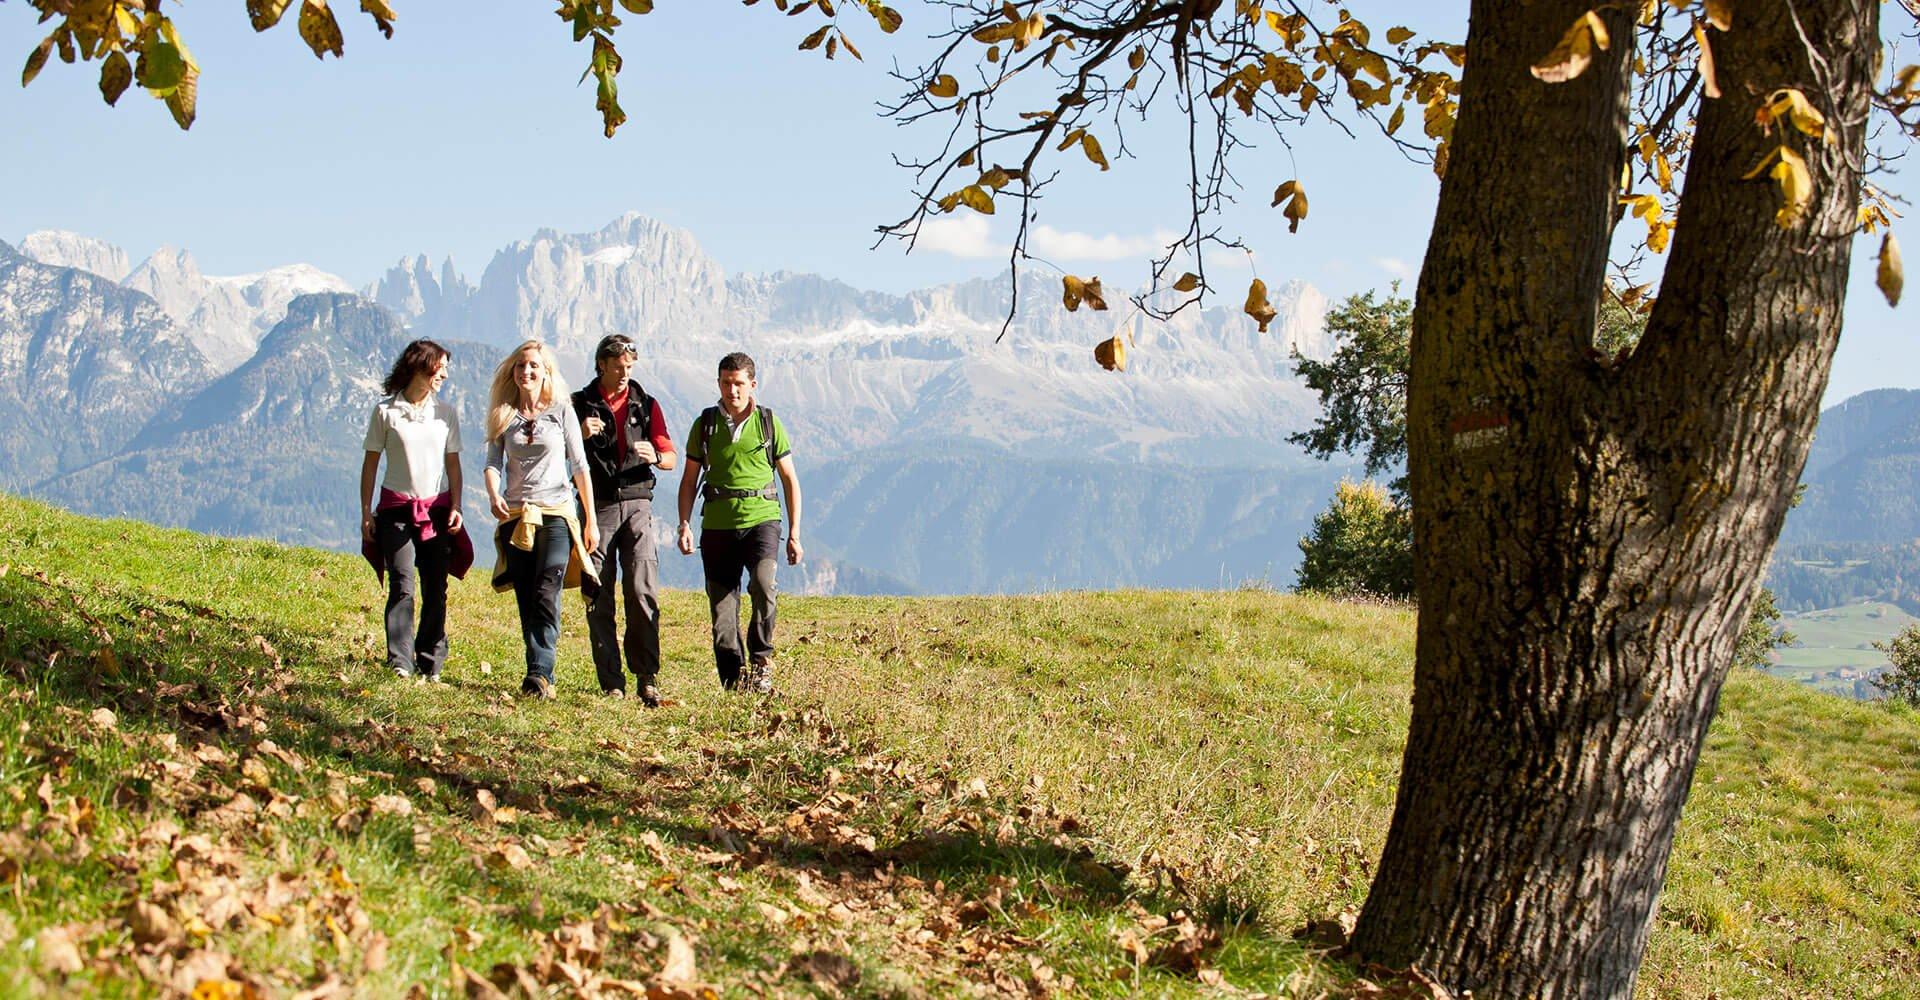 Gasthof Anich - Herbsturlaub im Eisacktal am Gitschberg/Jochtal